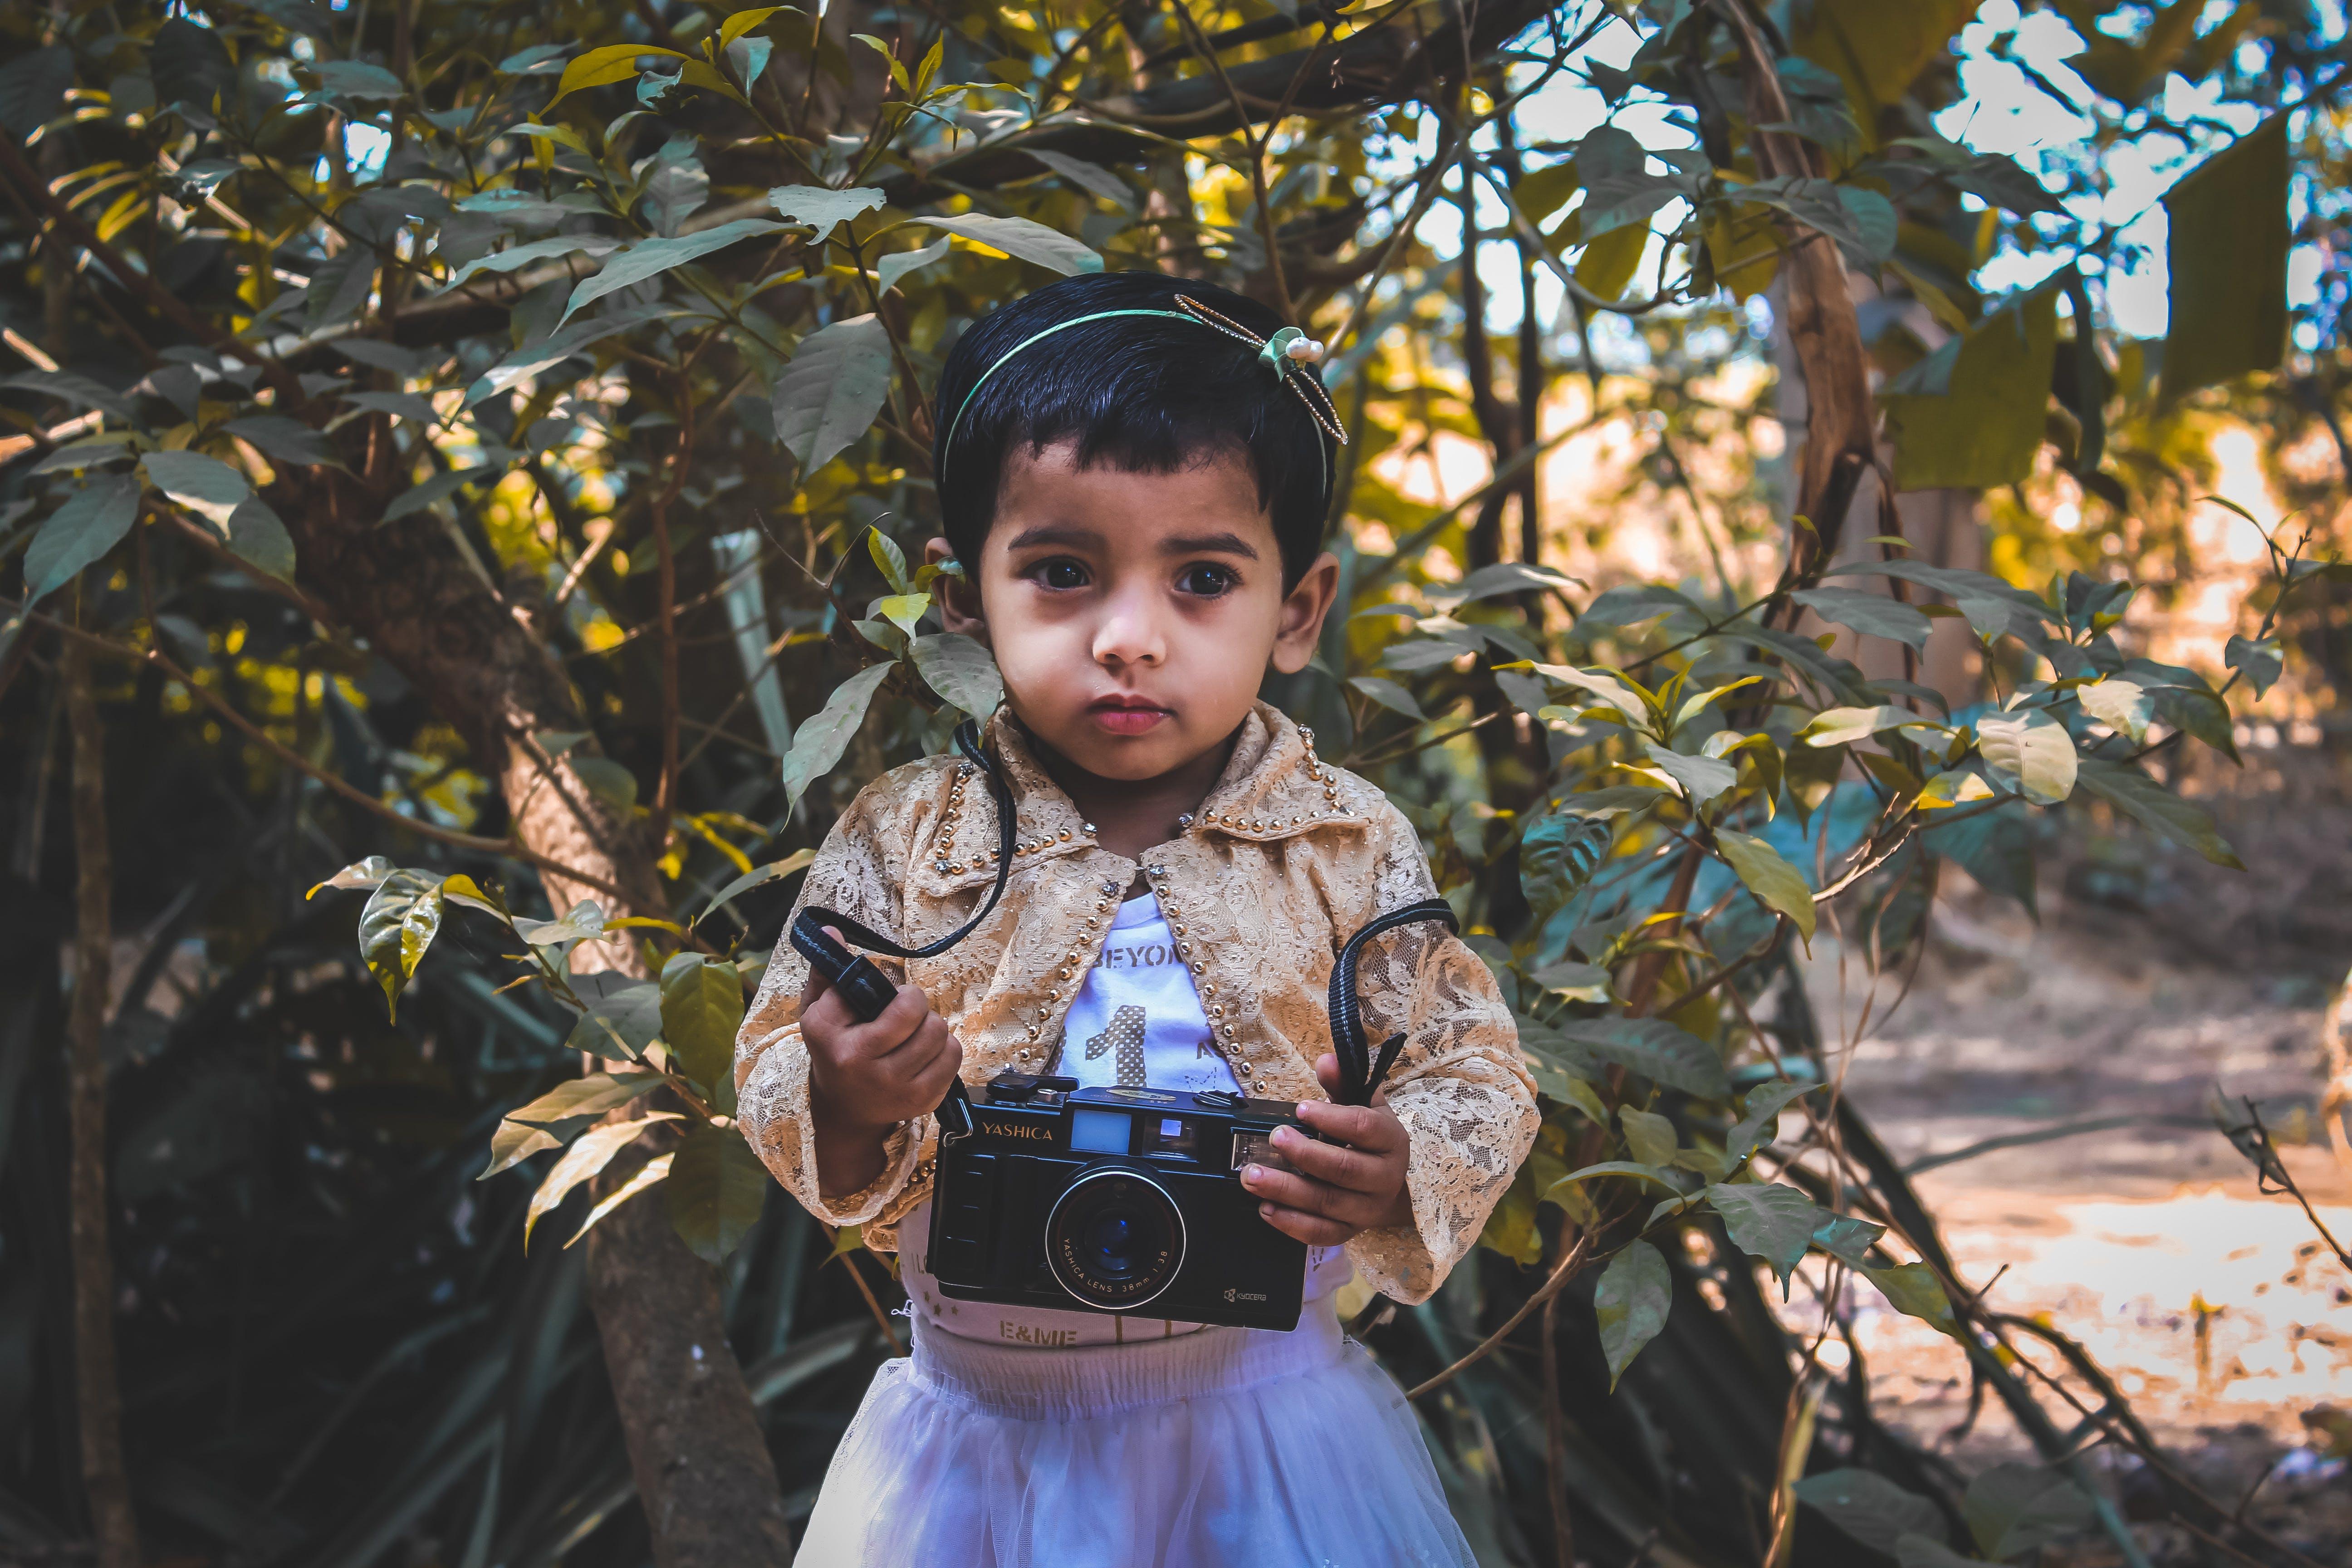 Δωρεάν στοκ φωτογραφιών με κάμερα, κορίτσι, Μικρό κορίτσι, νέος